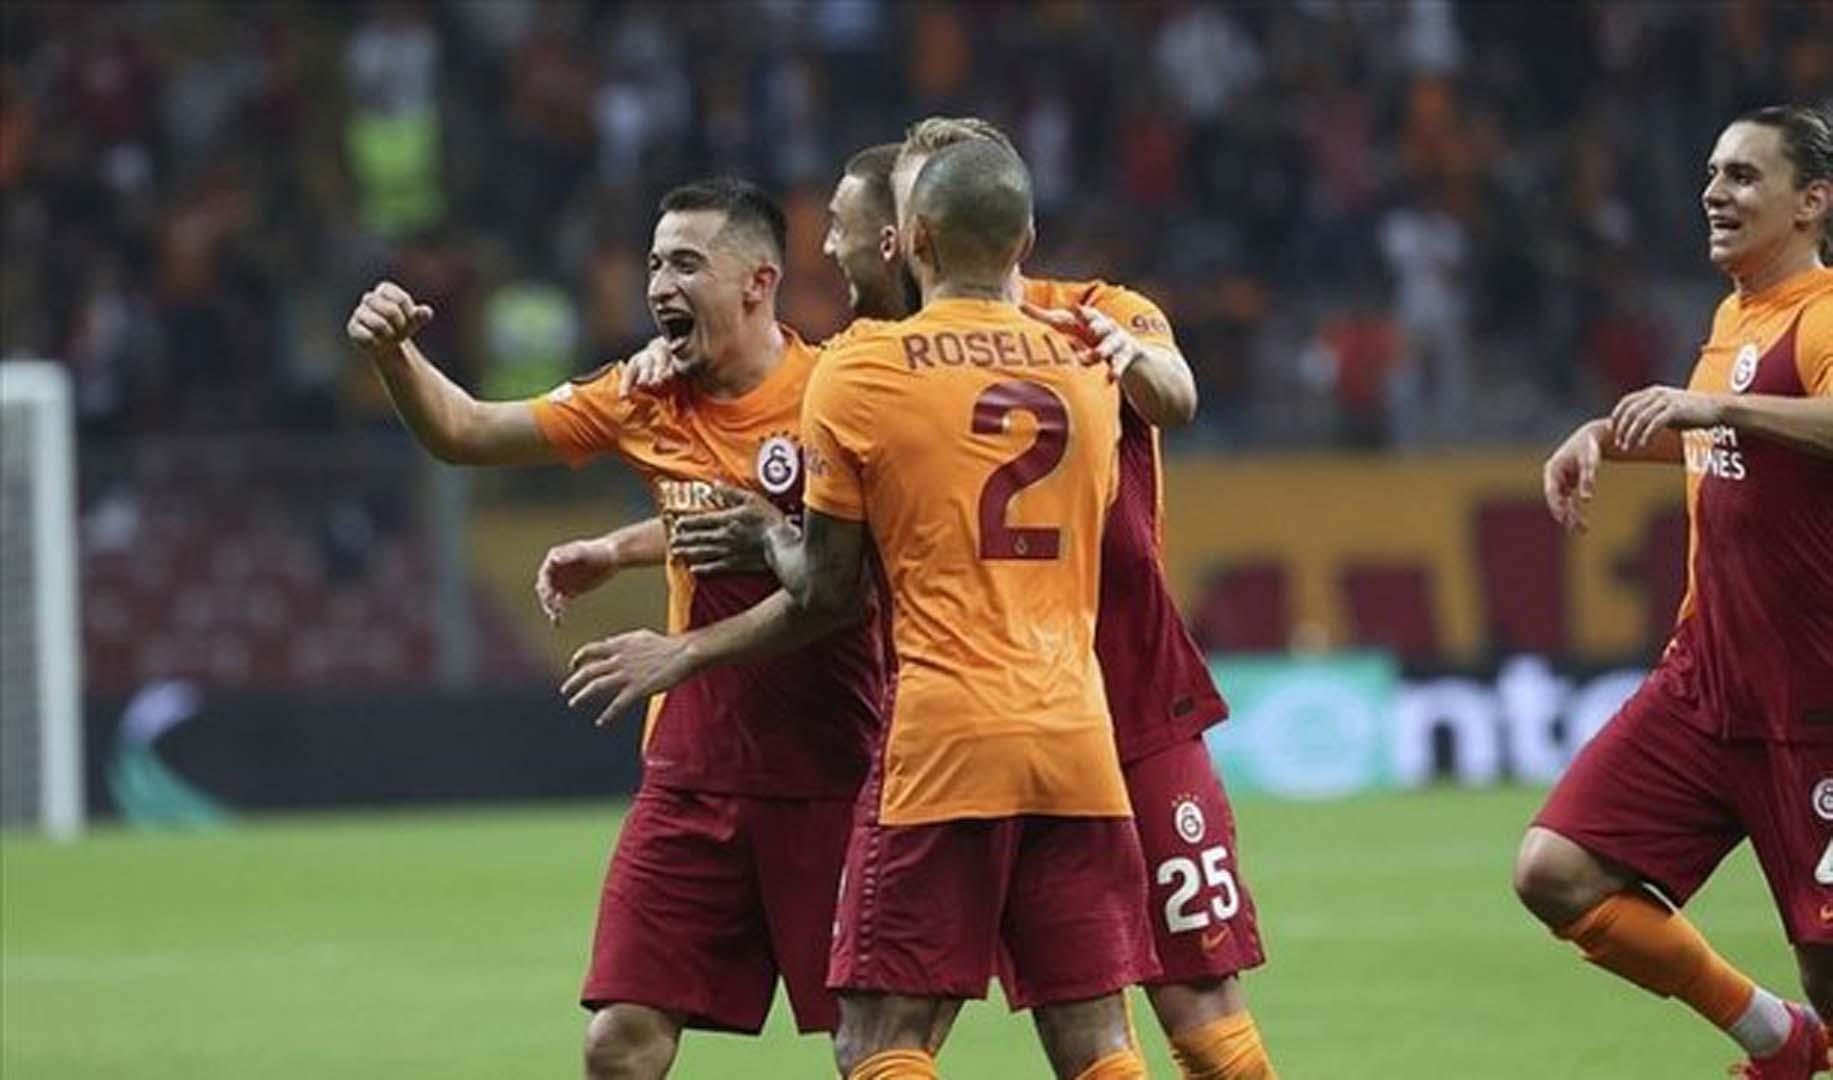 Marsilya - Galatasaray UEFA Avrupa Ligi maçı ne zaman, saat kaçta? Marsilya - Galatasaray maçı hangi kanalda, şifreli mi, şifresiz mi?